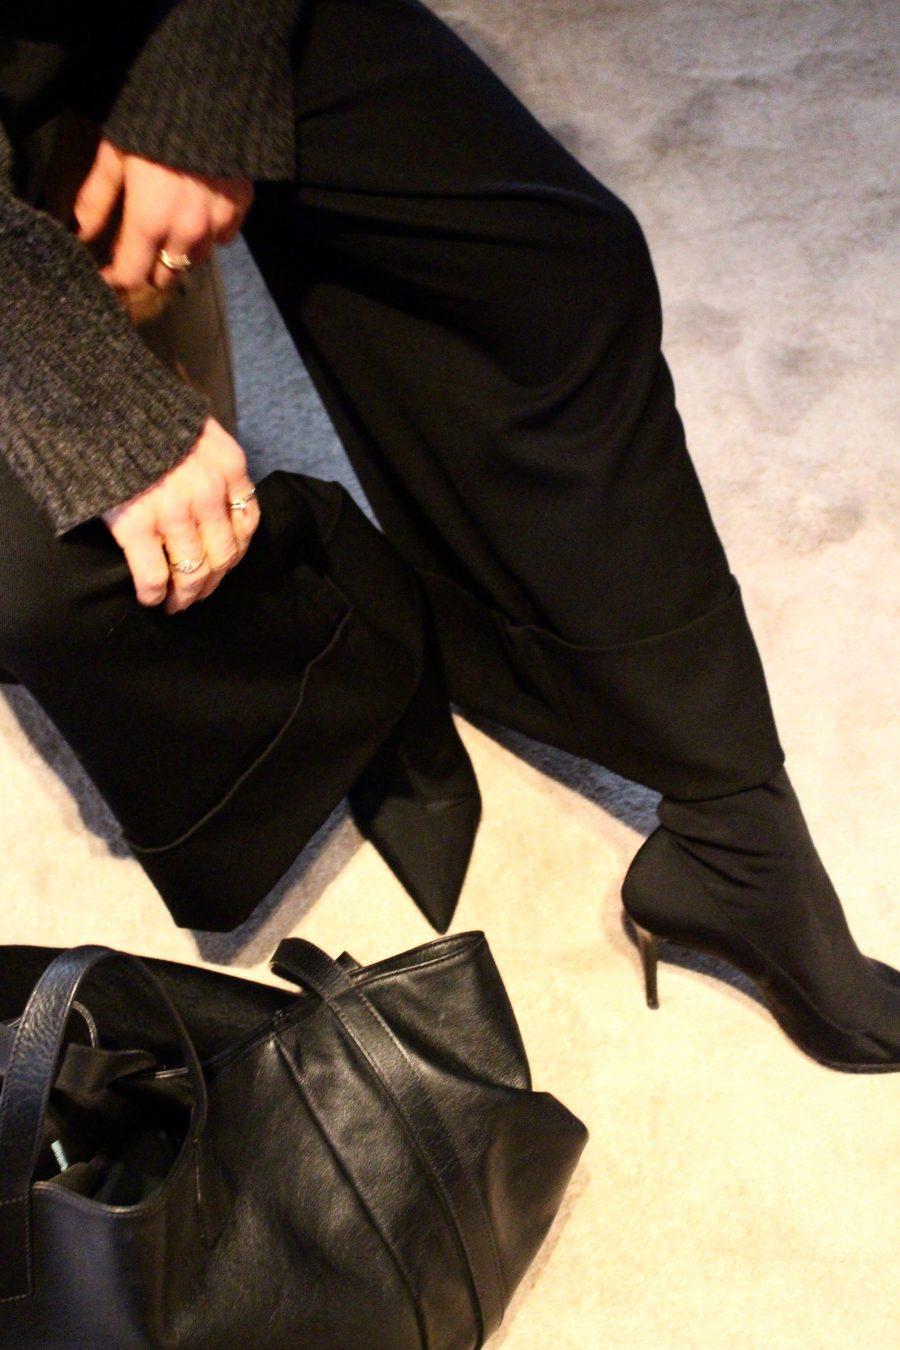 Balenciaga sockboots